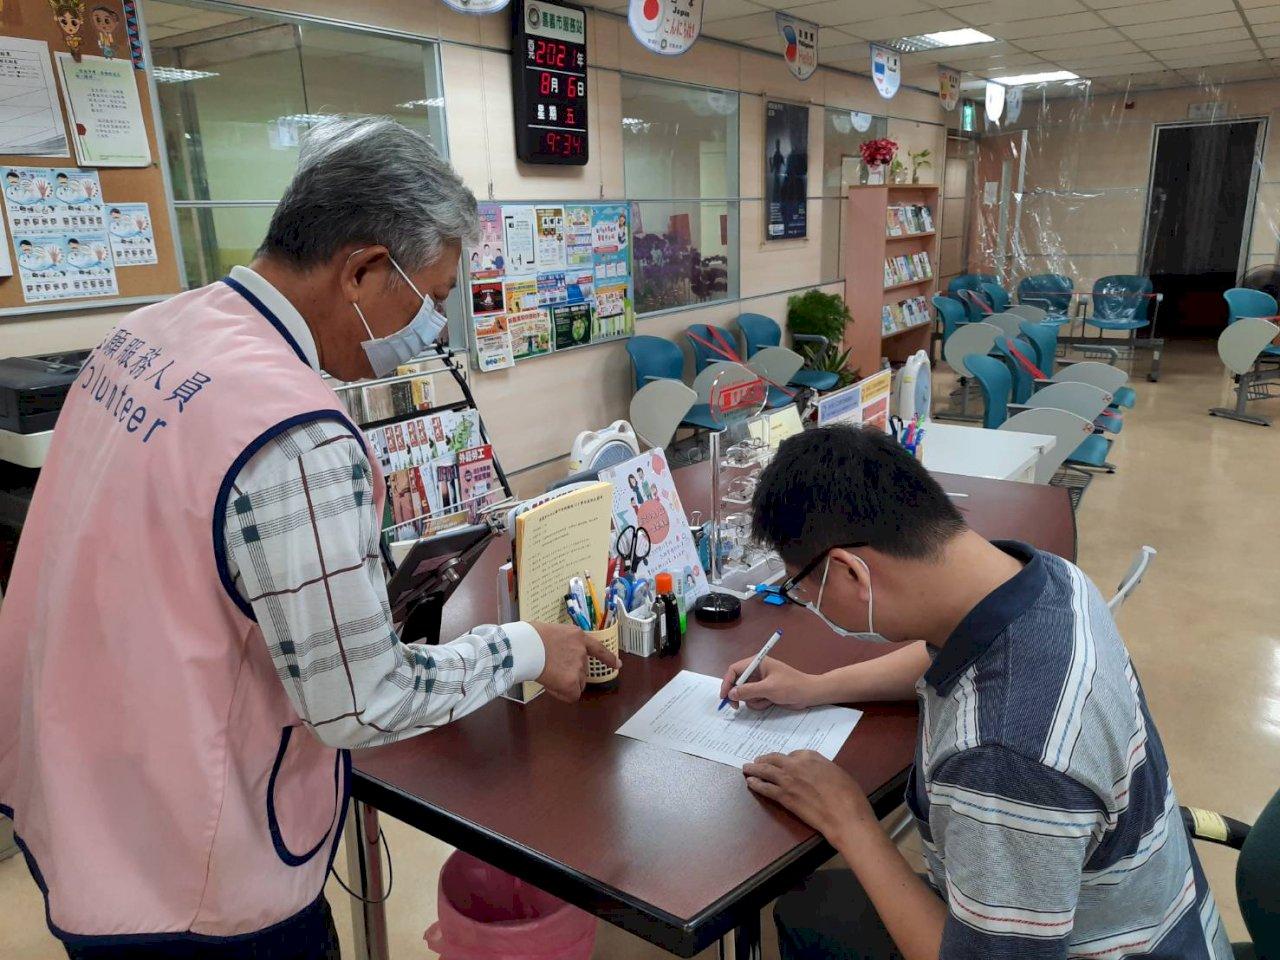 孝順台女婿替越南岳父母申請證號預約疫苗 「感謝政府開放」